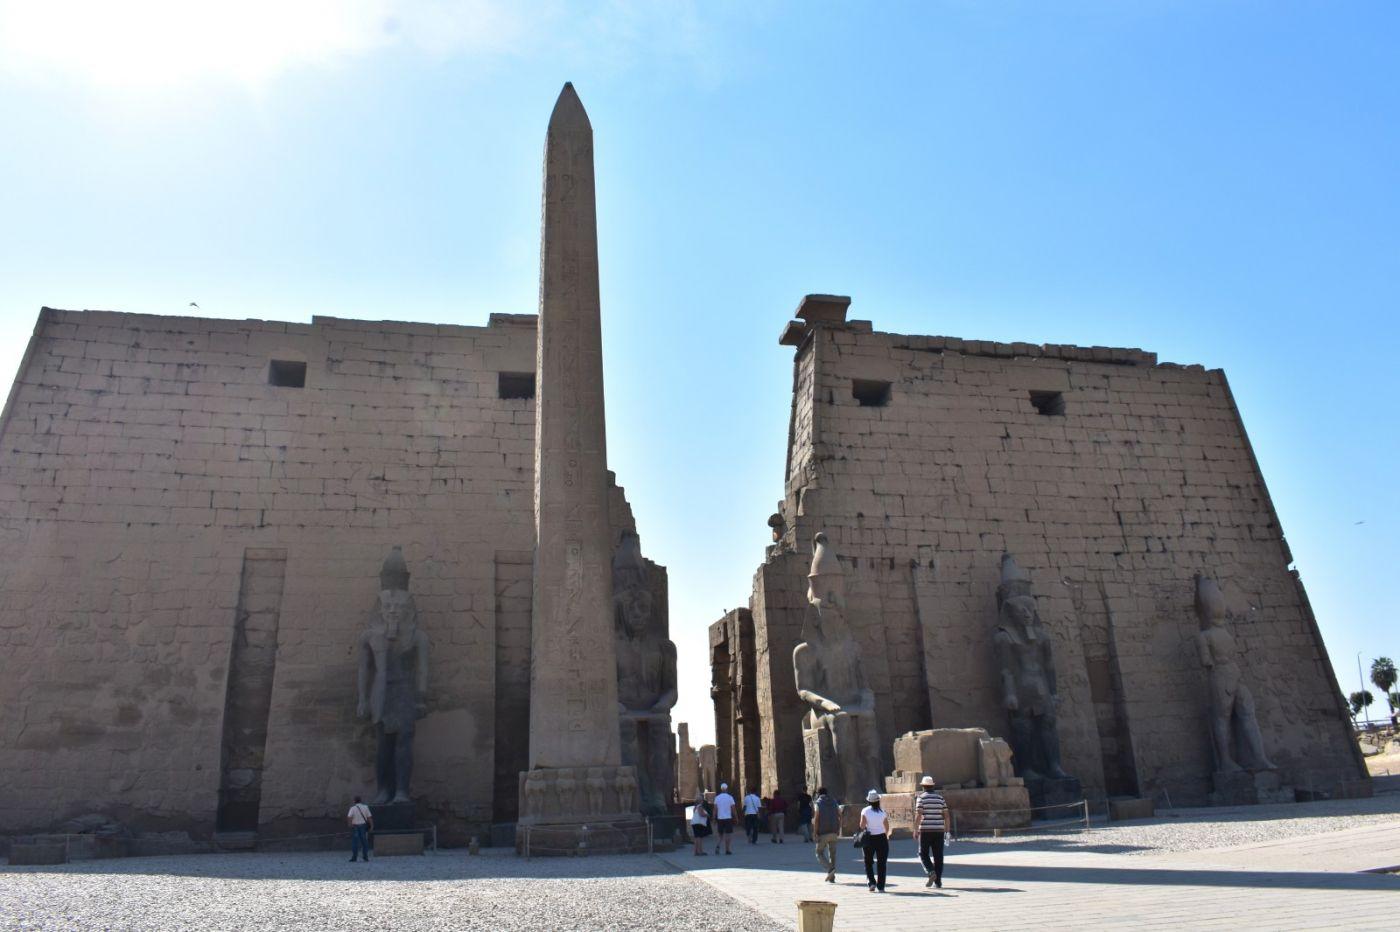 埃德富神庙和卢克索神庙_图1-21